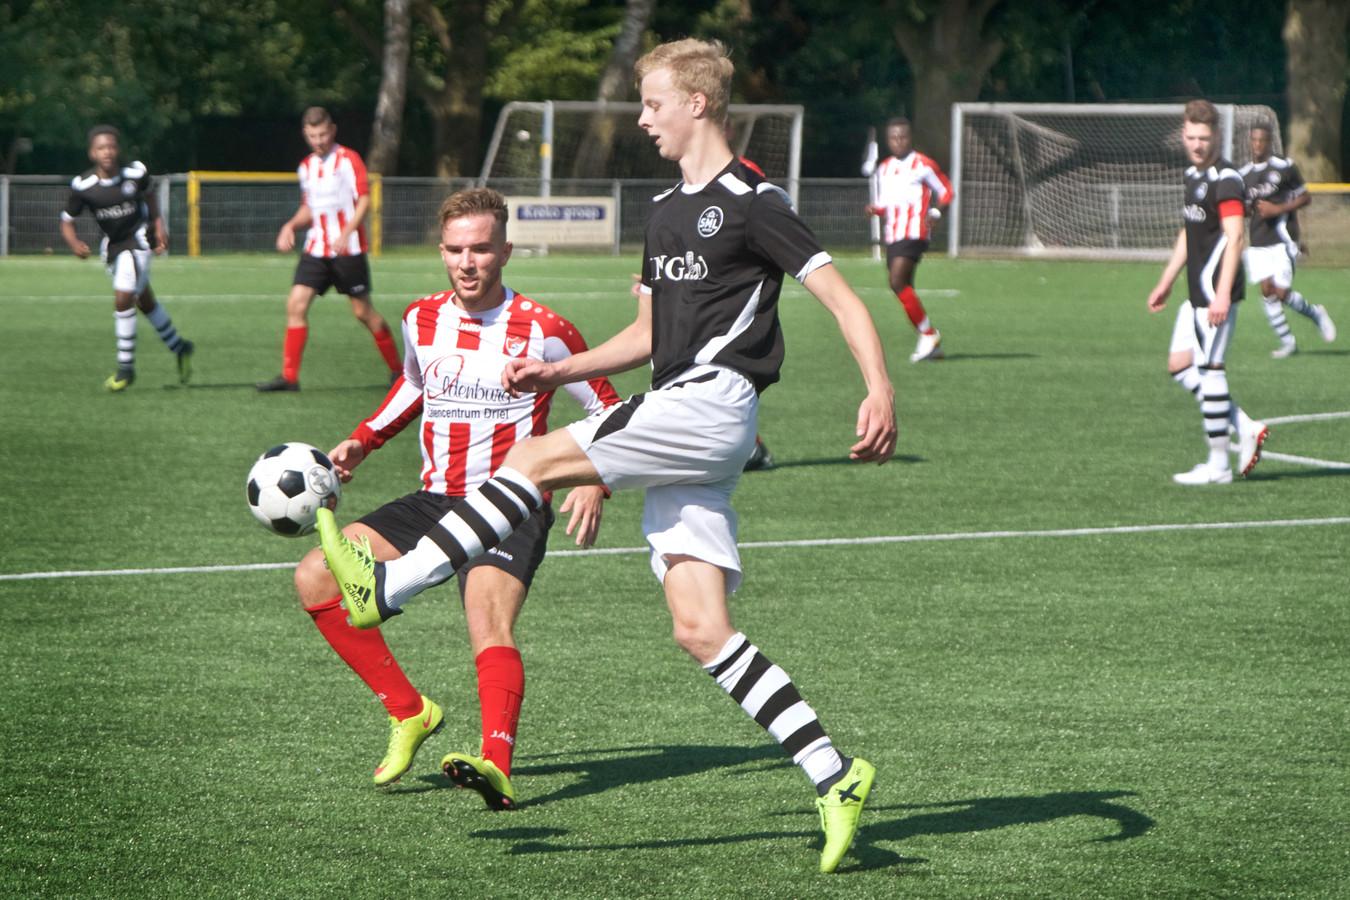 SML en Arnhemse Boys hebben aan een gelijkspel genoeg om verder te bekeren.